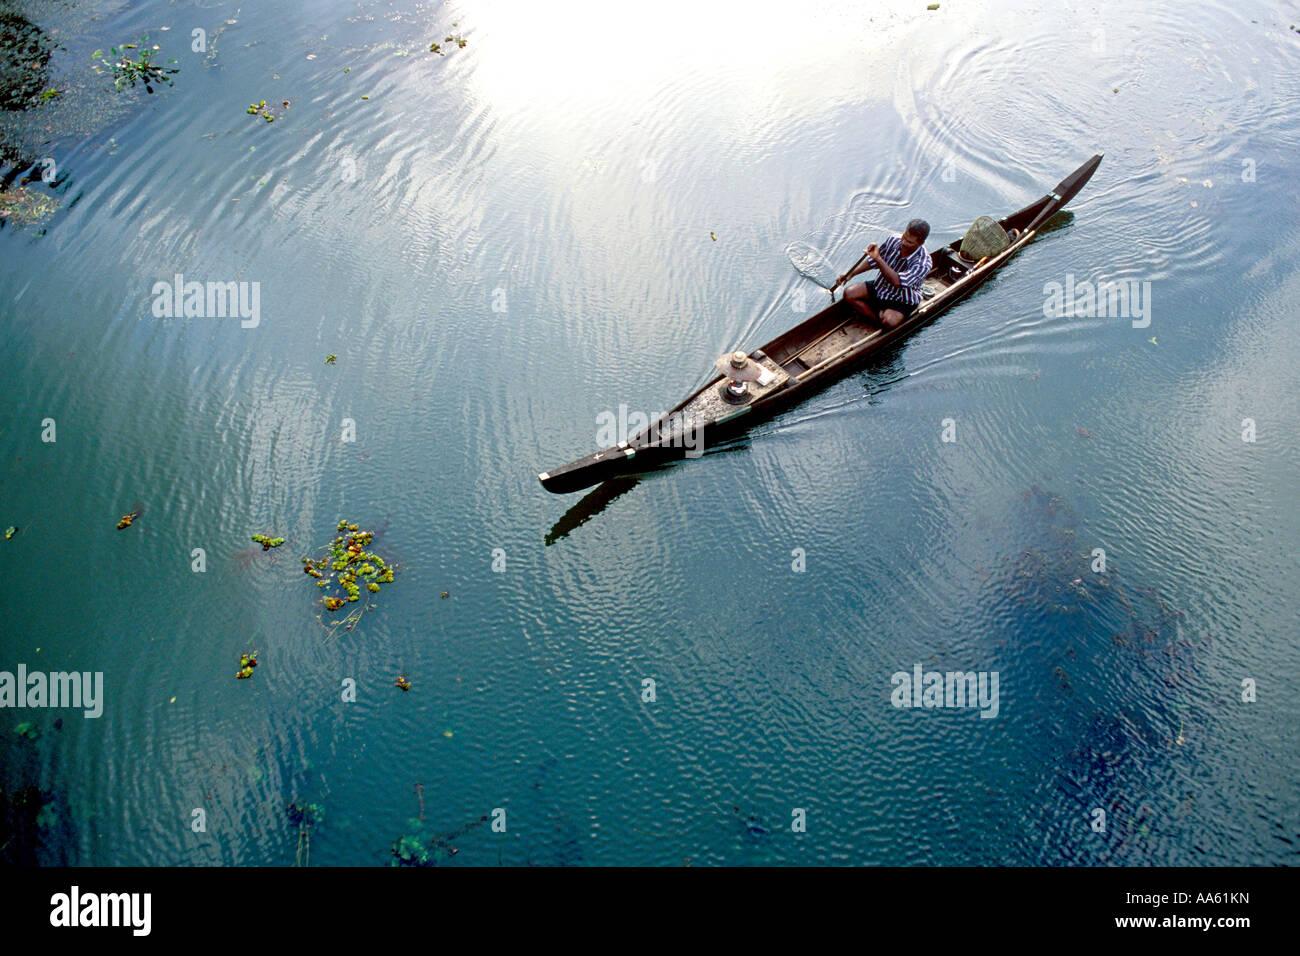 L'homme Indien MAA104169 équitation dans bateau en Inde Kerala backwater Photo Stock